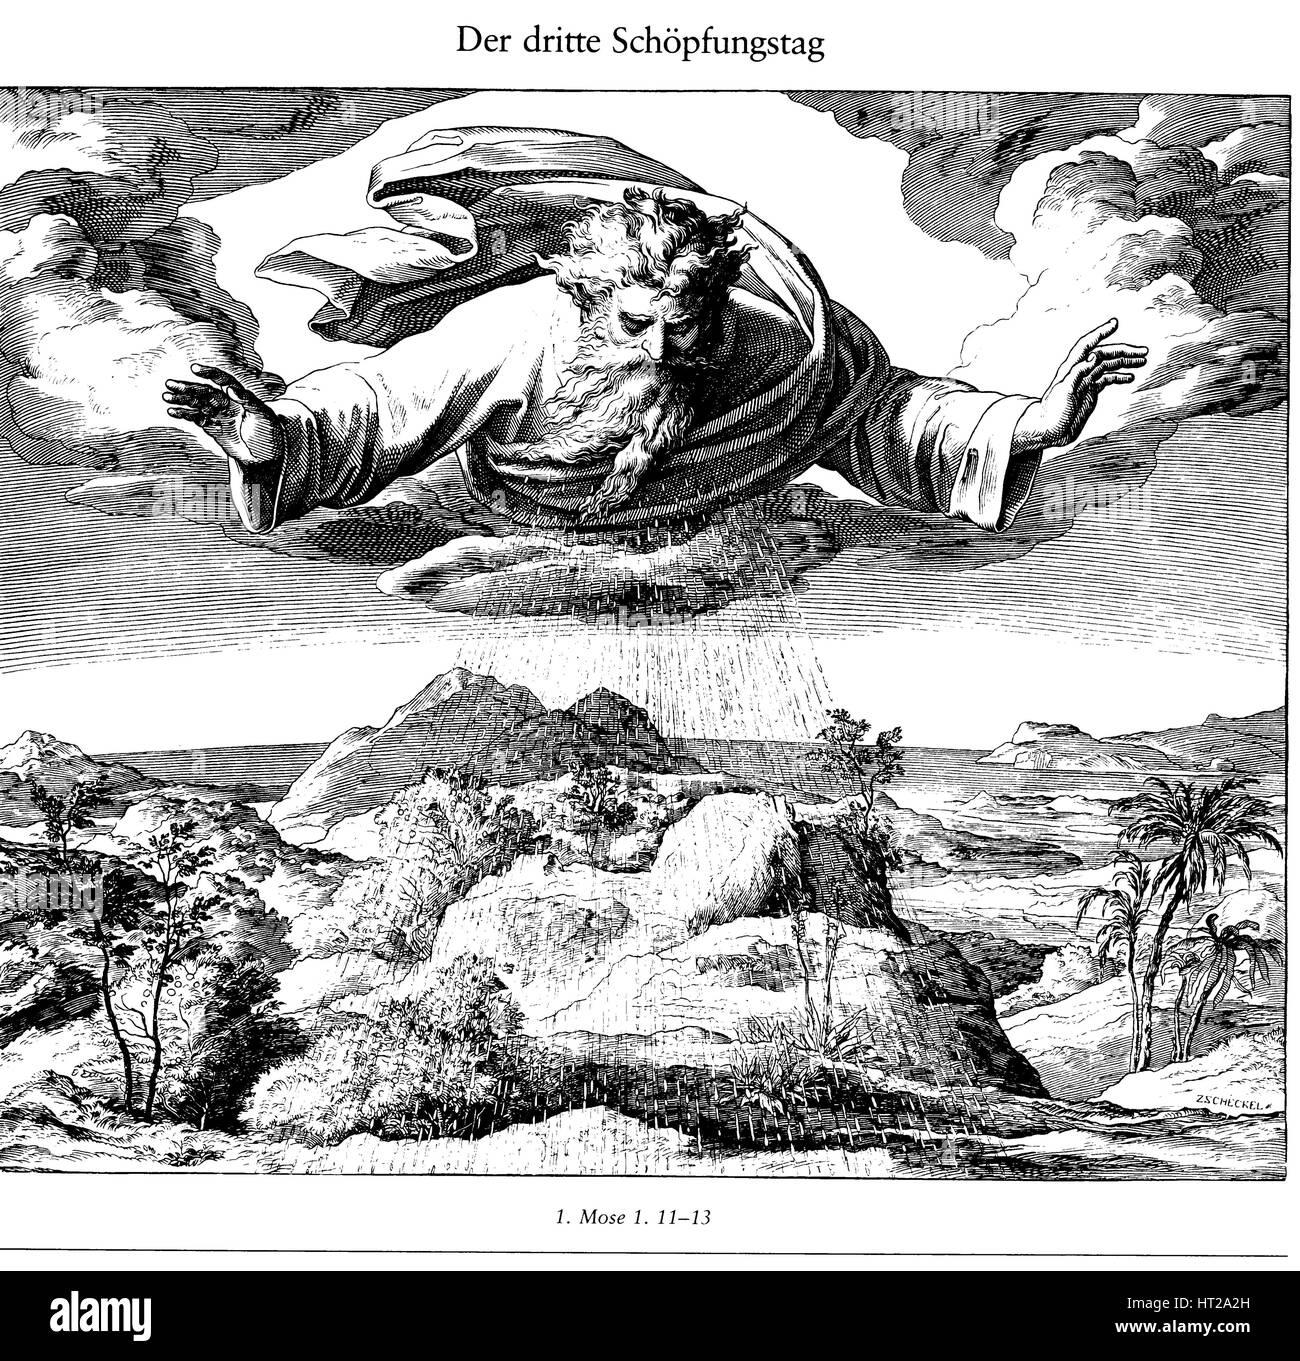 The Third Day of Creation (From Die Bibel in Bildern), 1852-1860. Artist: Schnorr von Carolsfeld, Julius (1794-1872) Stock Photo